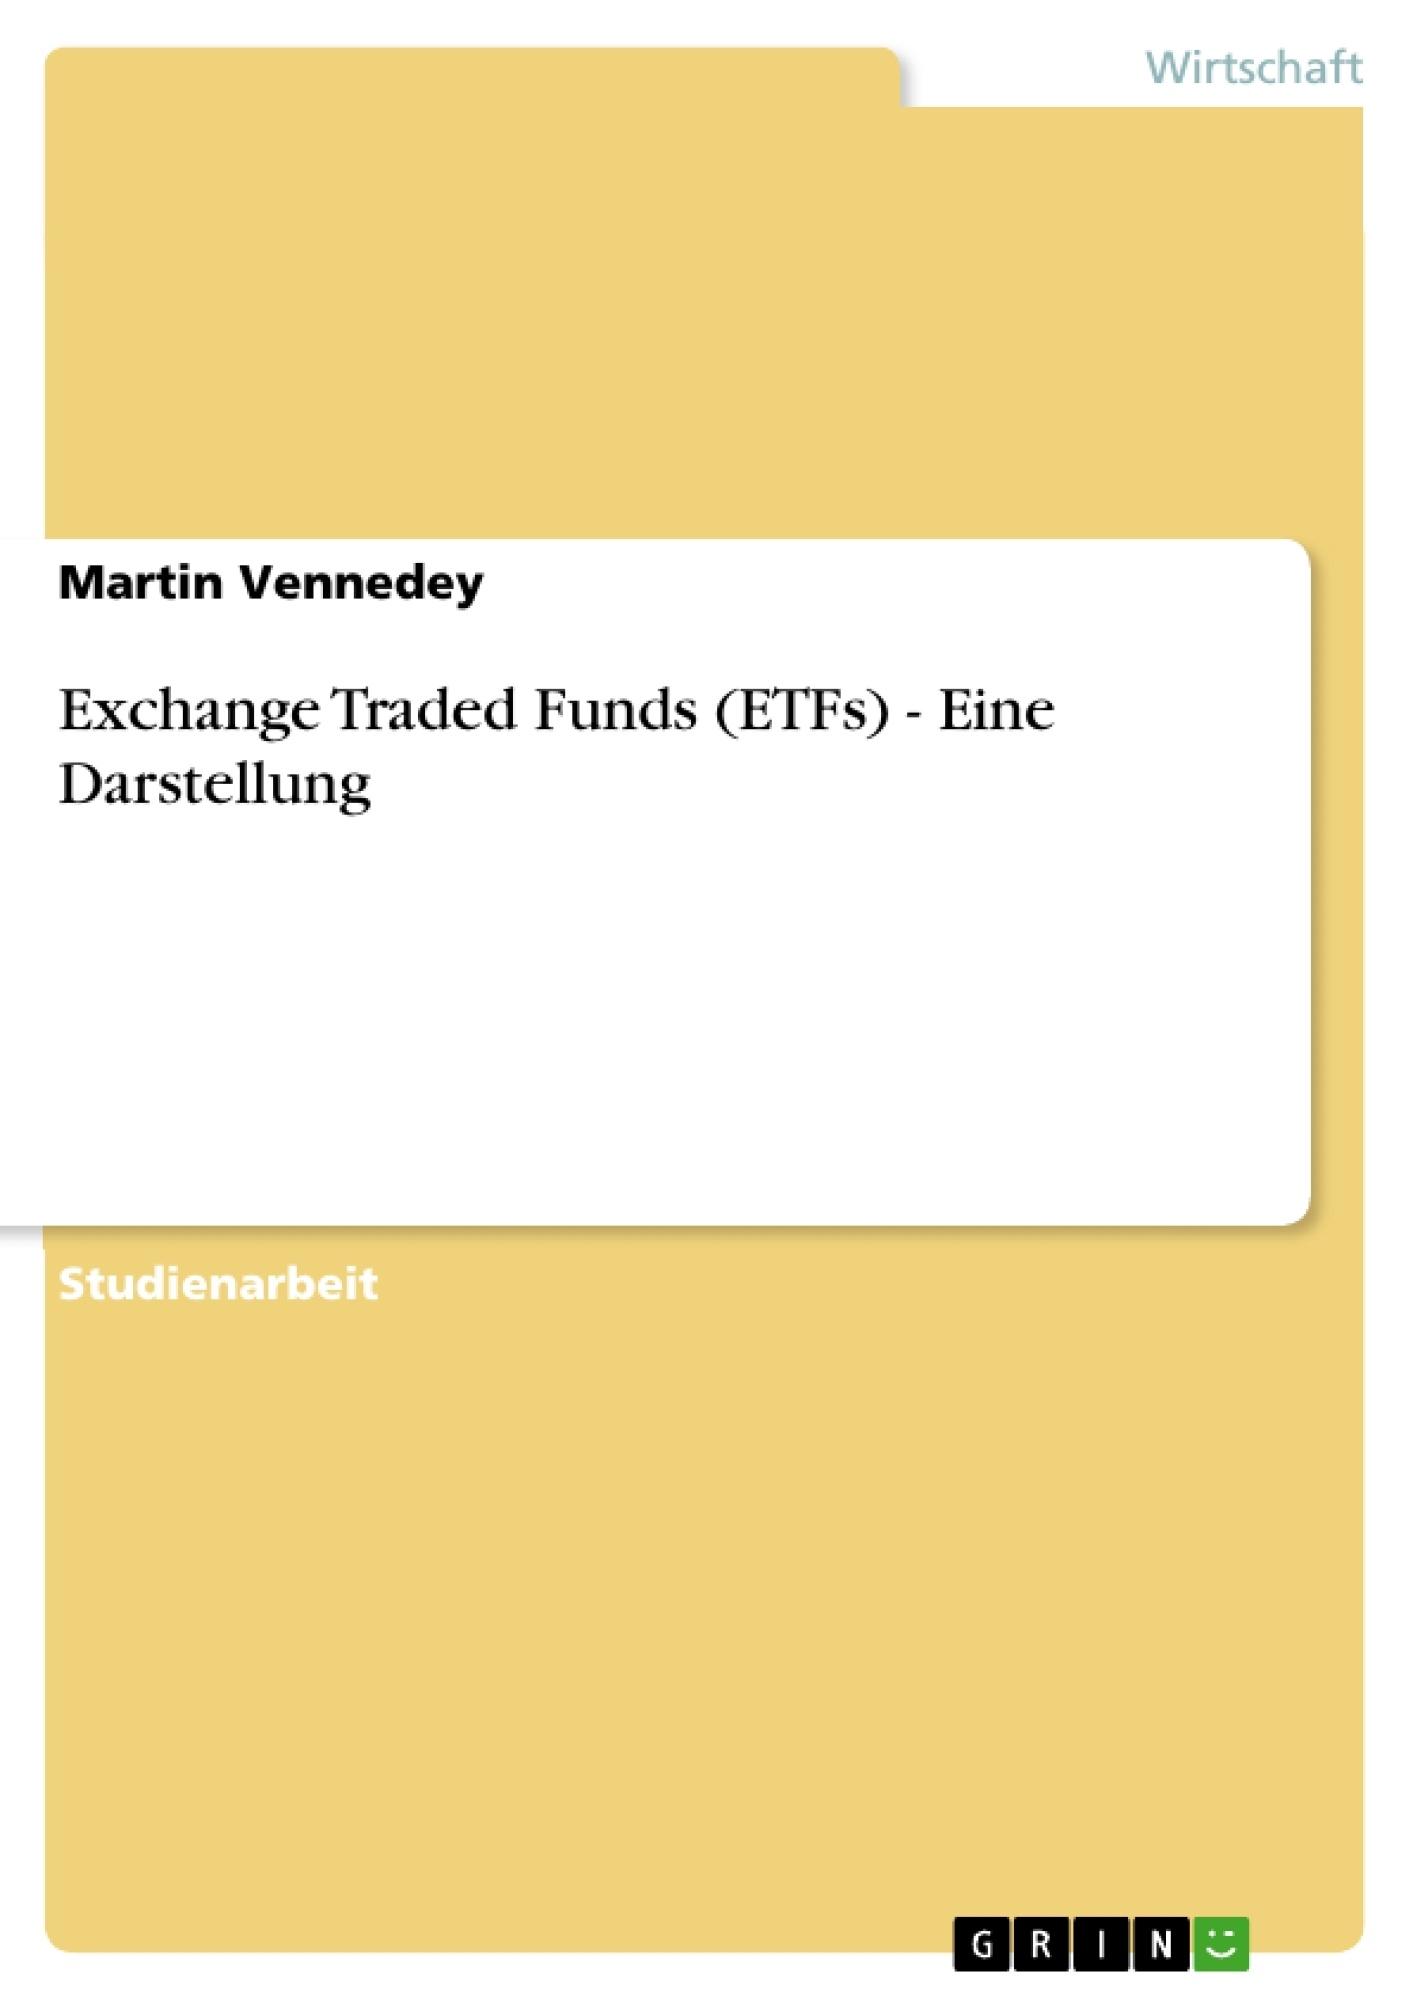 Titel: Exchange Traded Funds (ETFs) - Eine Darstellung